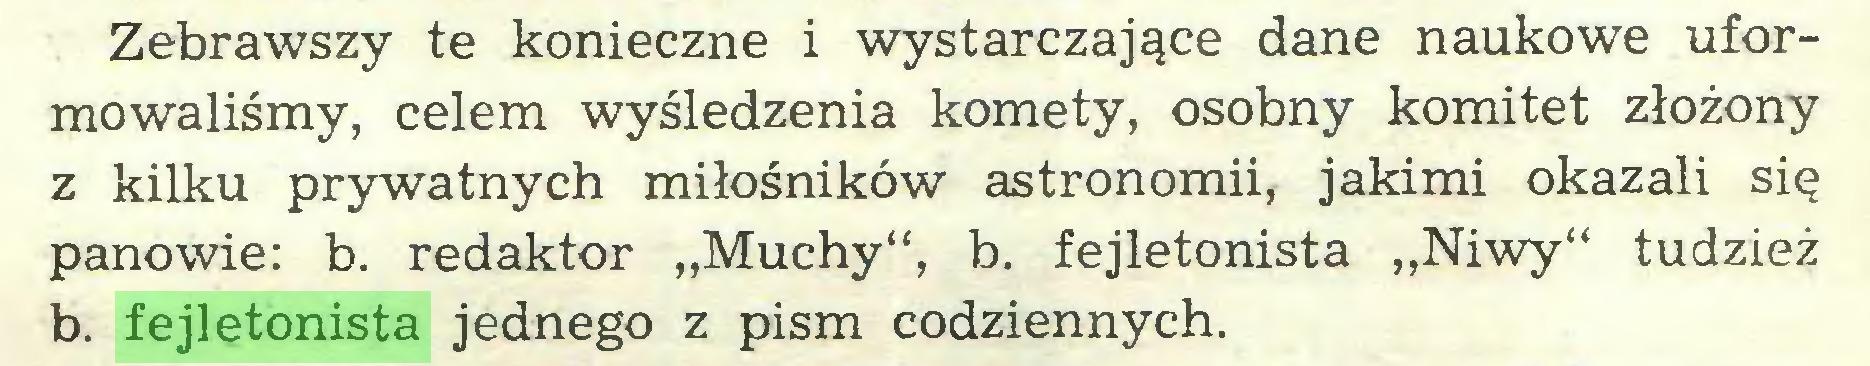 """(...) Zebrawszy te konieczne i wystarczające dane naukowe uformowaliśmy, celem wyśledzenia komety, osobny komitet złożony z kilku prywatnych miłośników astronomii, jakimi okazali się panowie: b. redaktor """"Muchy"""", b. fejletonista """"Niwy"""" tudzież b. fejletonista jednego z pism codziennych..."""